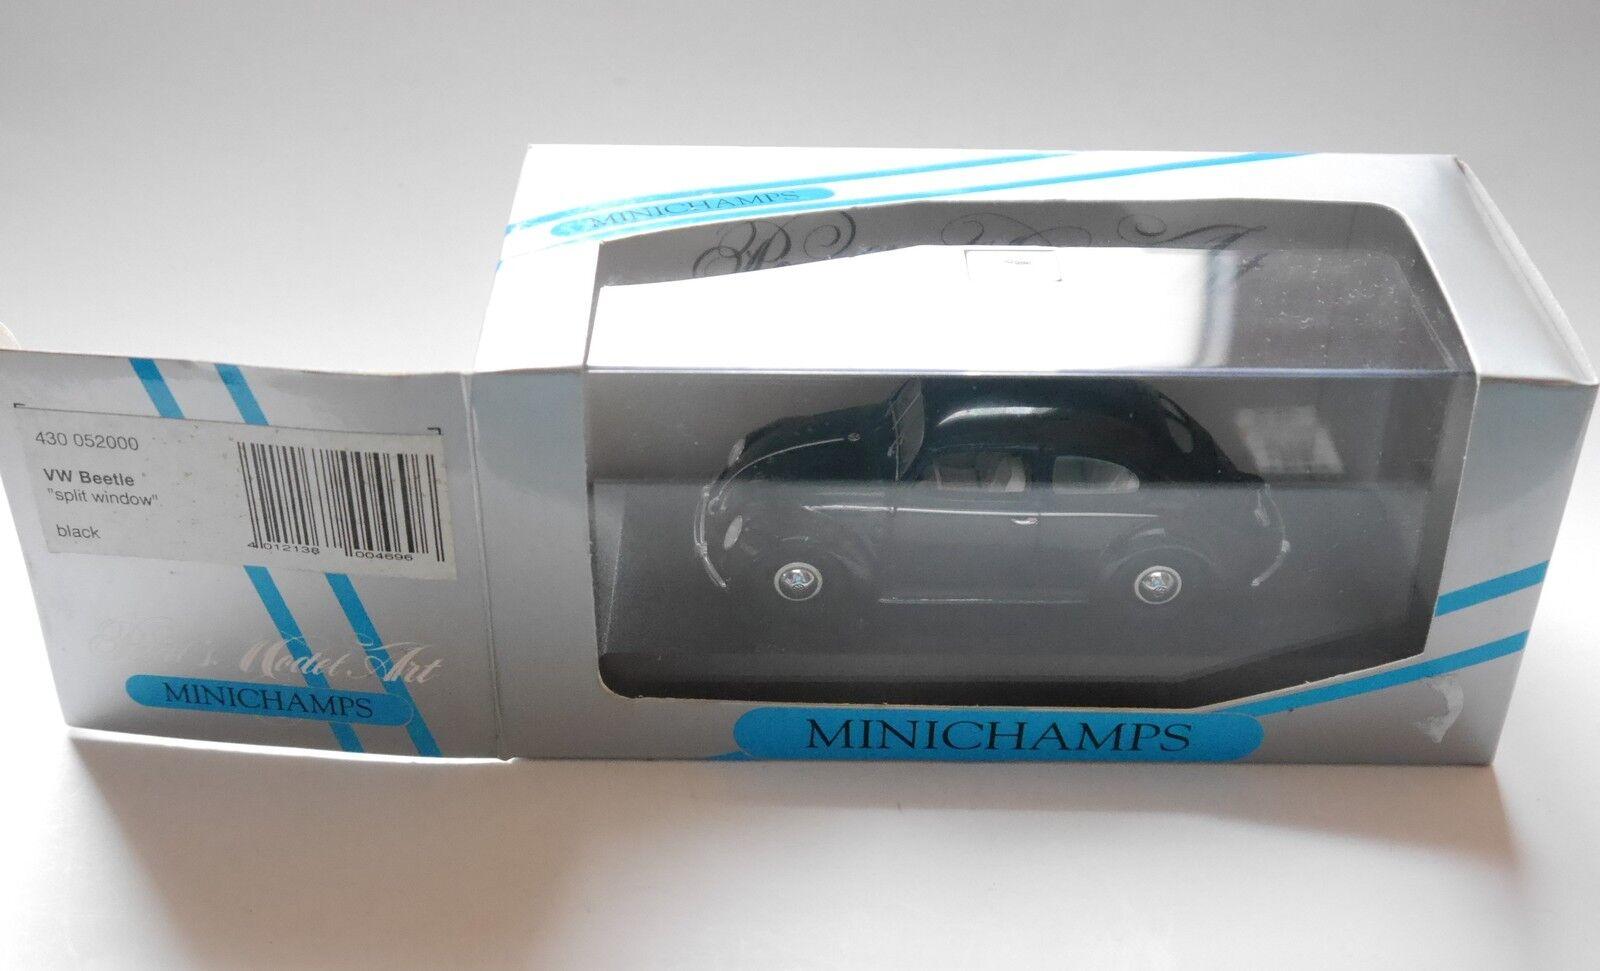 VW Maggiolino BISCOTTO Beetle Split Window nero, Minichamps 430 052000 1:43 Boxed